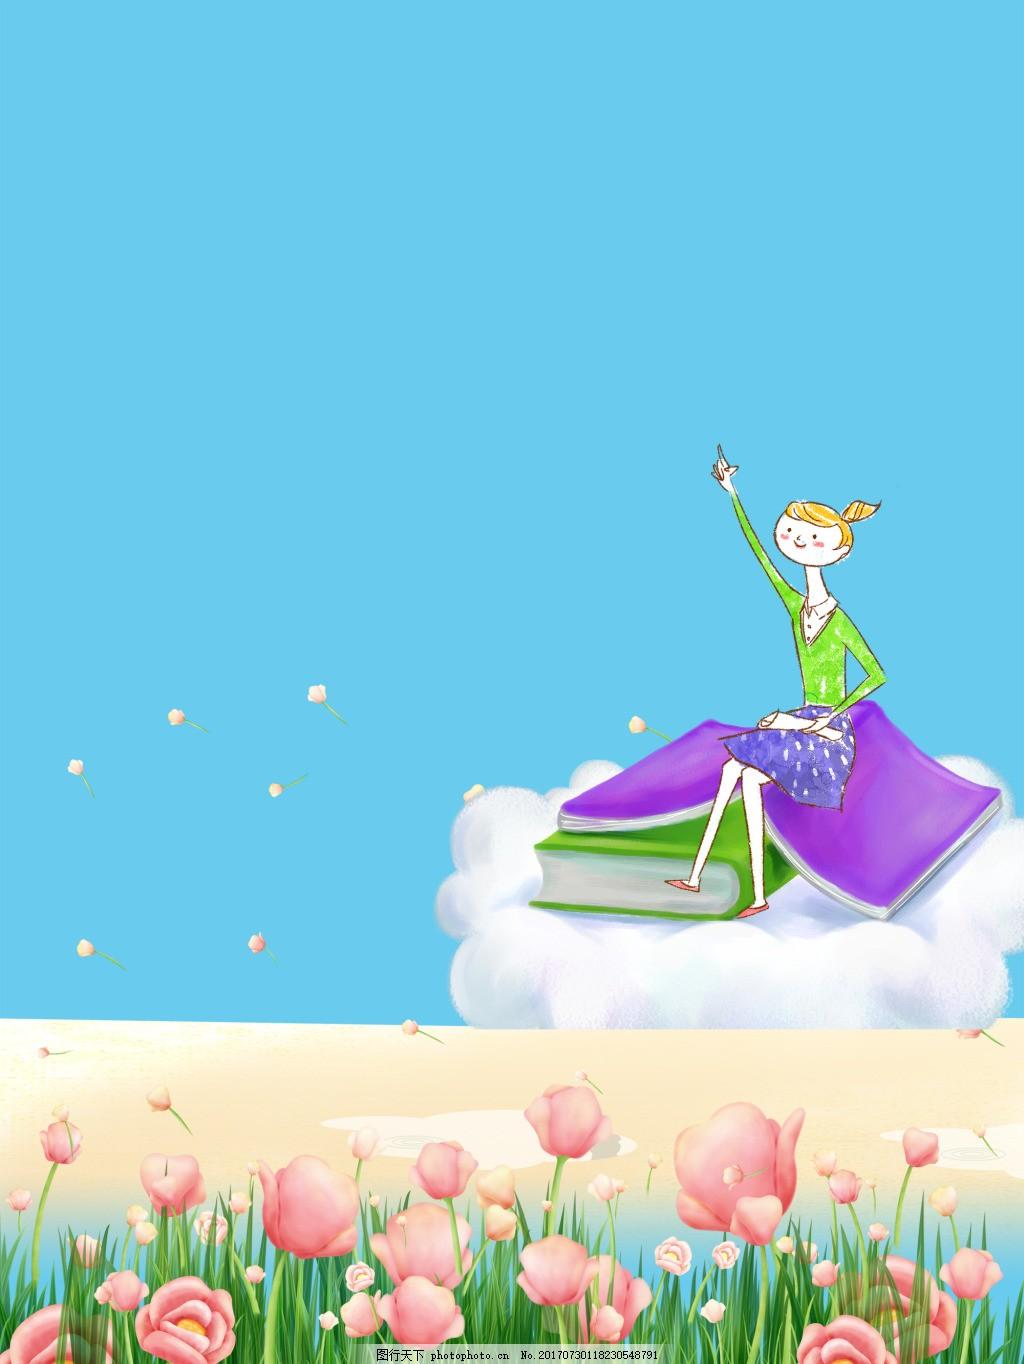 卡通粉色玫瑰书本背景 浪漫 蓝天 白云 书海 小美女